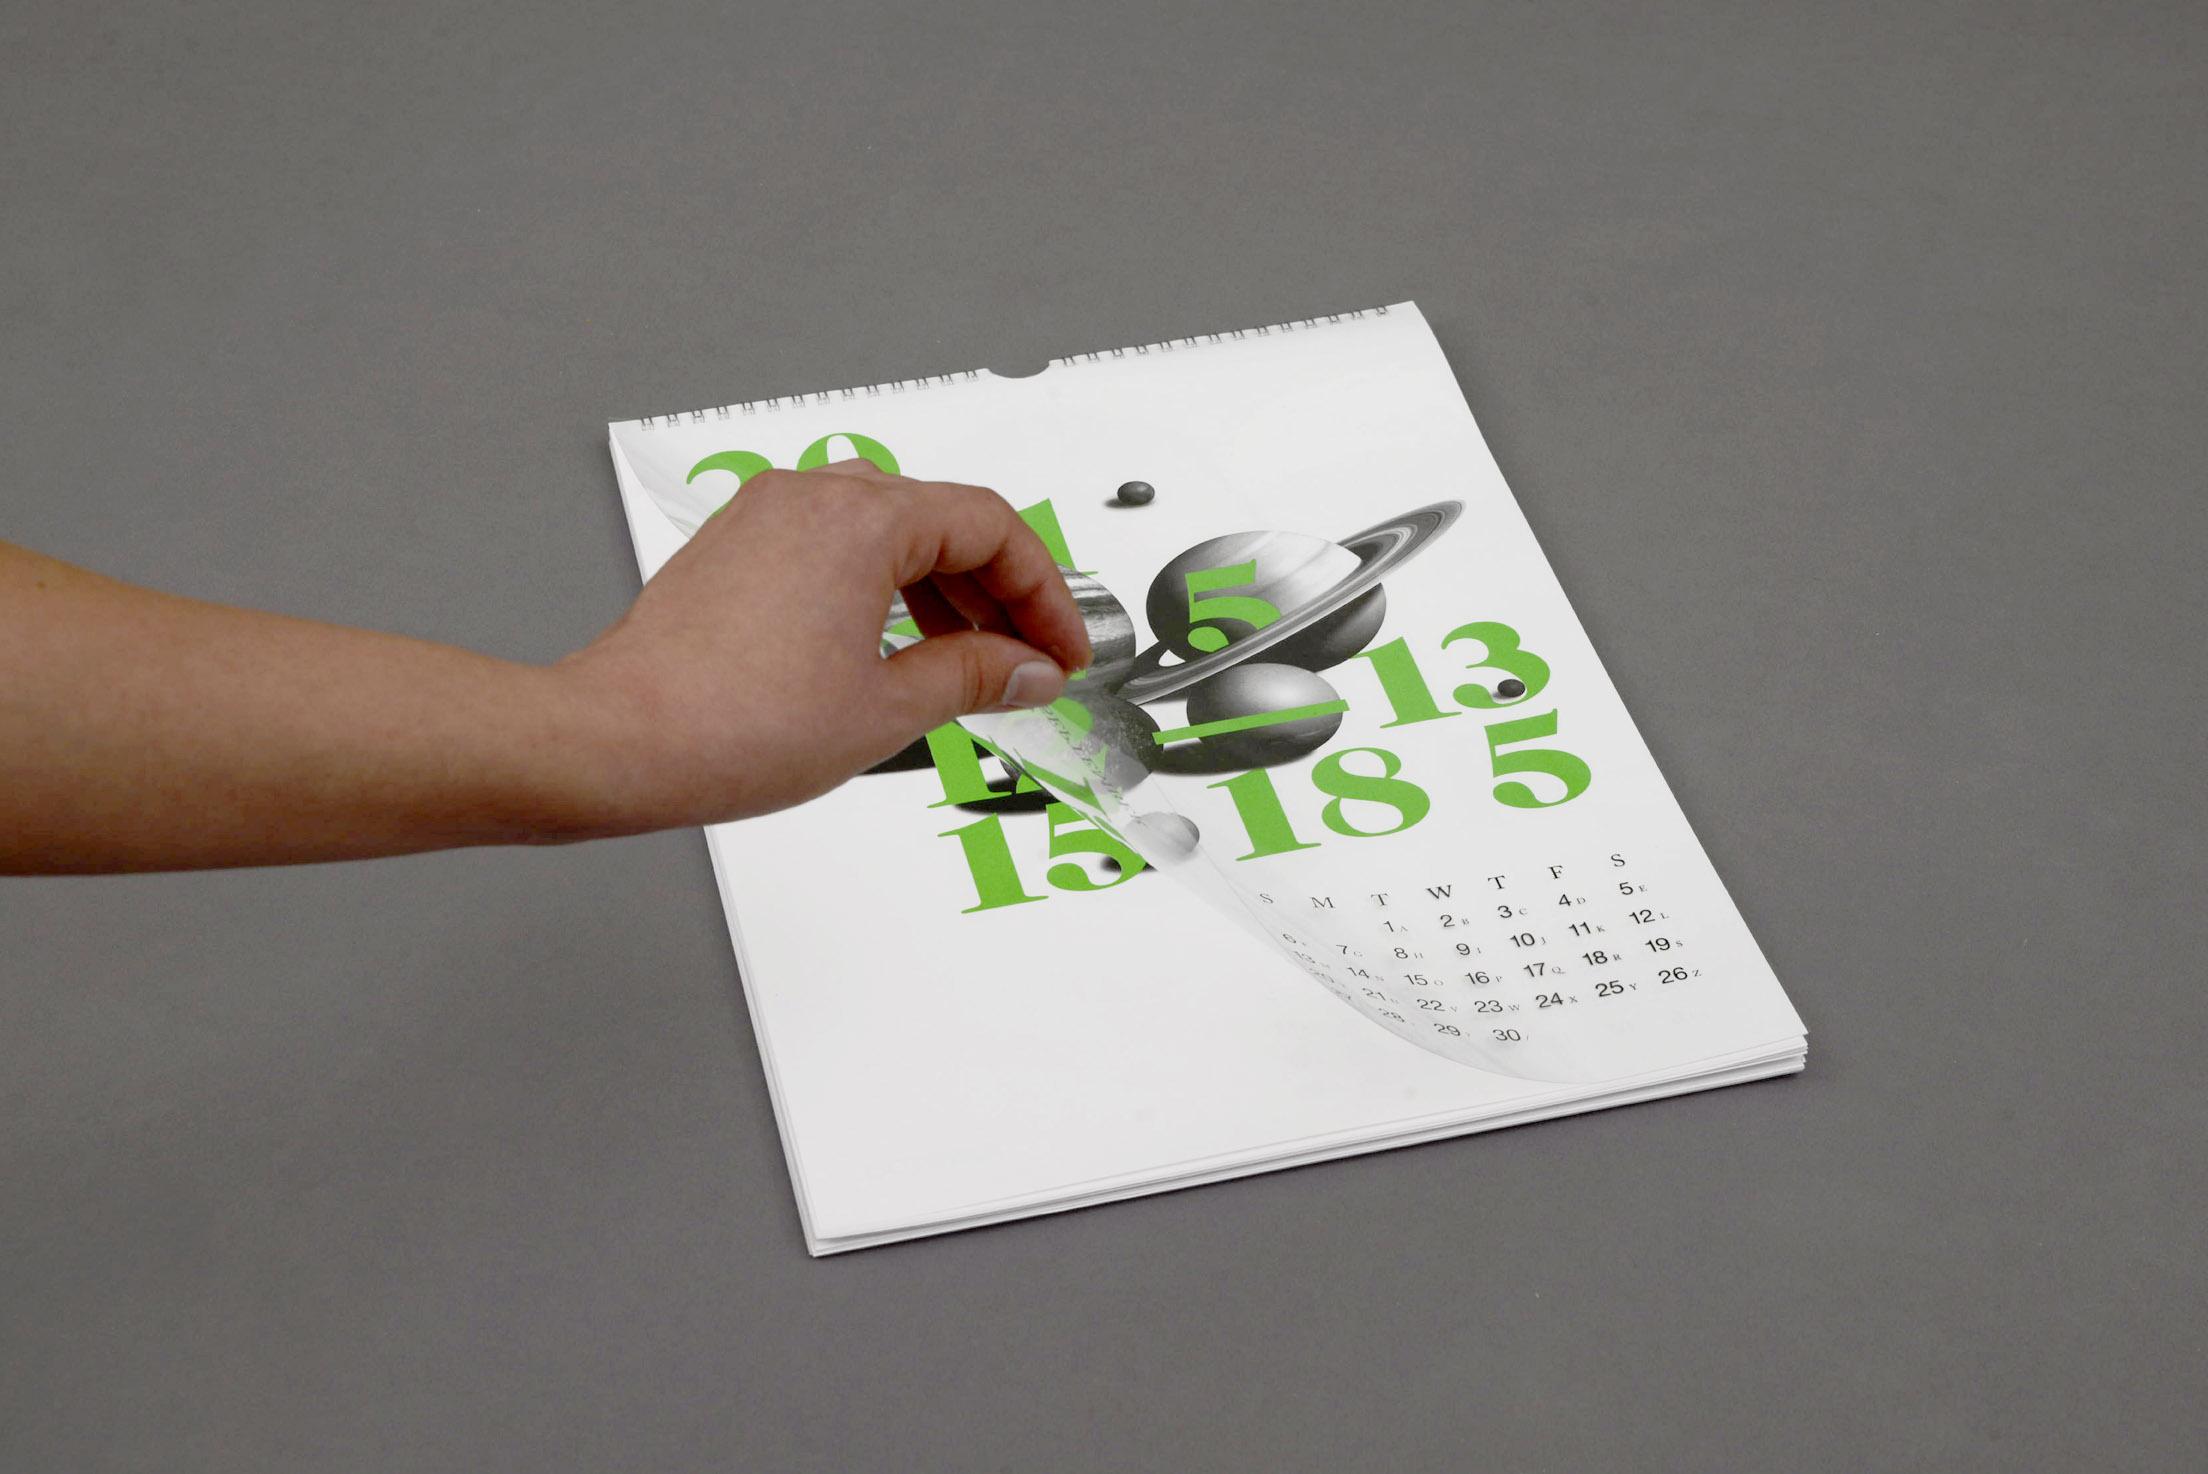 6.-Calendar2_new.jpg